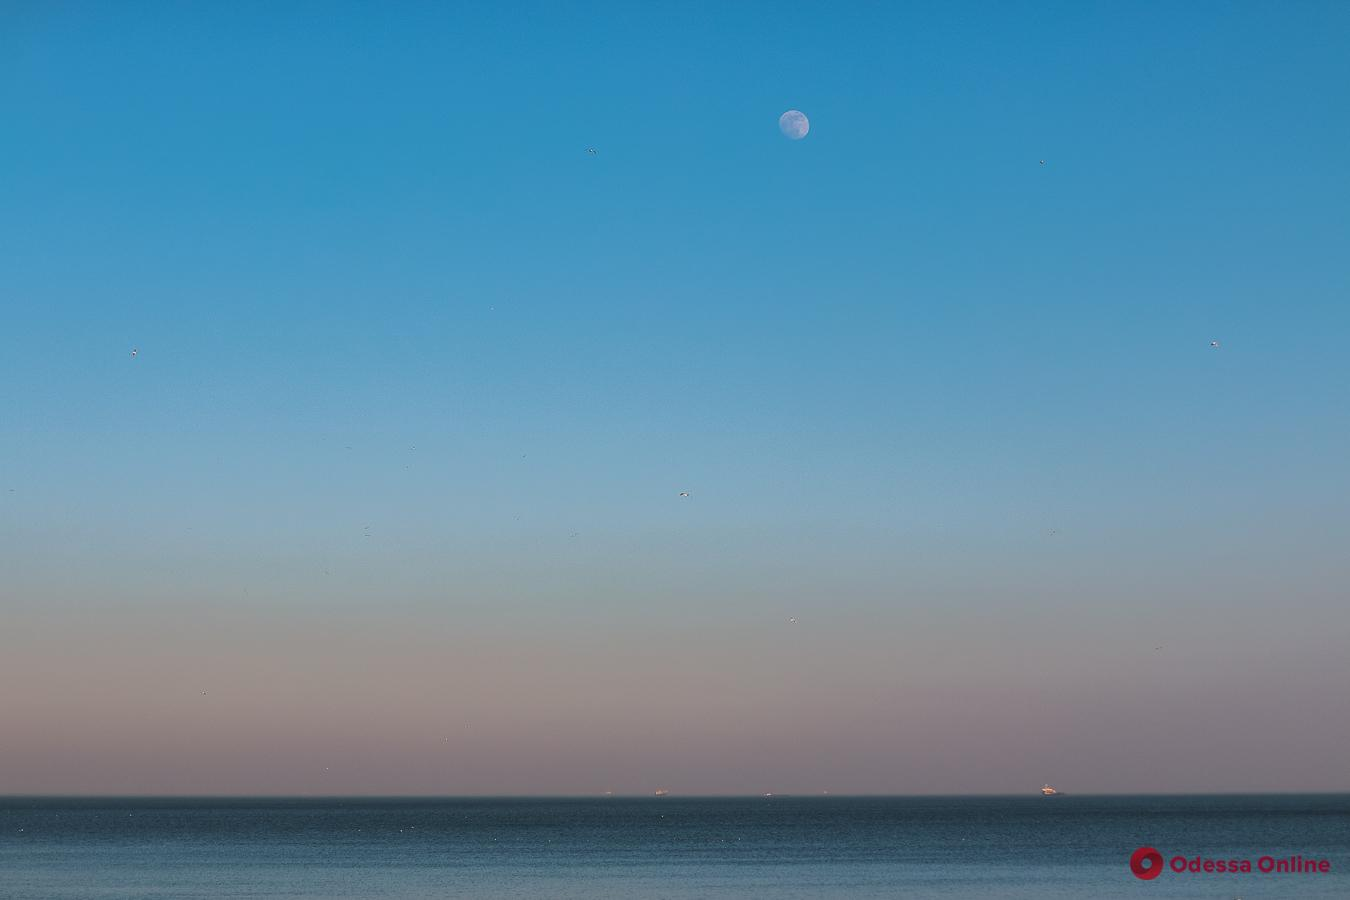 Теплый февраль: сотни одесситов отдыхают у моря (фоторепортаж)